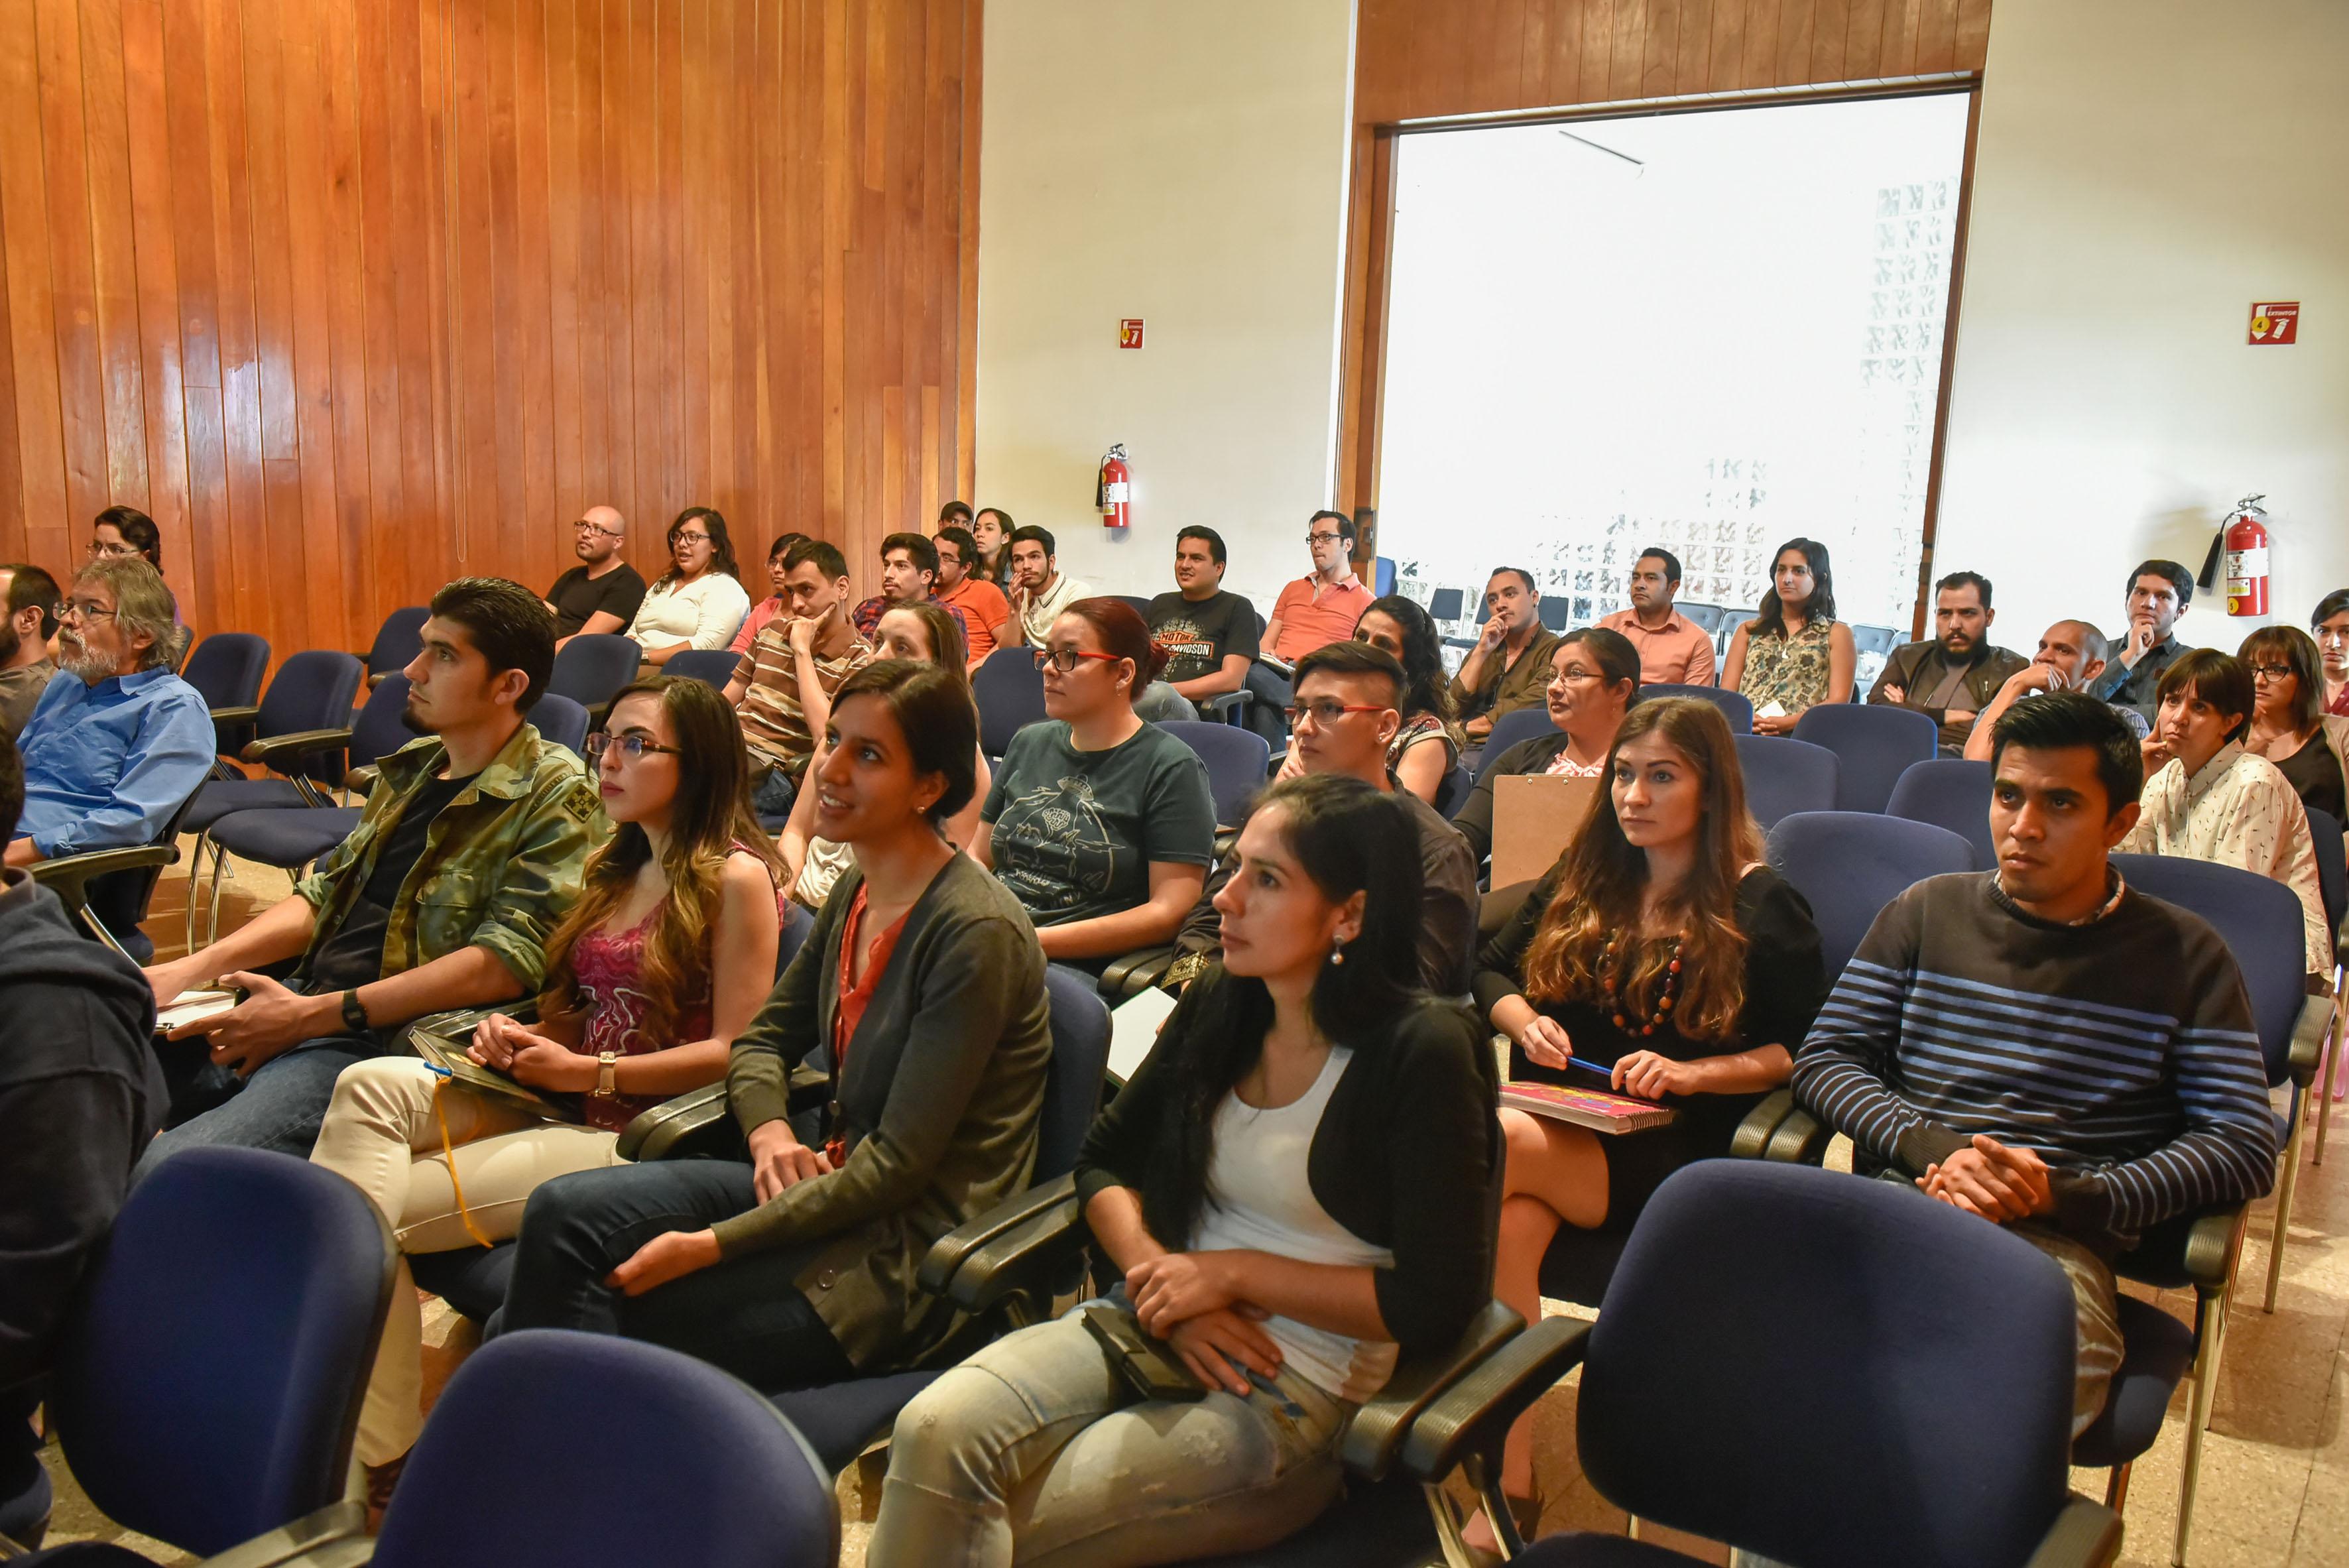 Público asistente a la conferencia de neuroinmunomodulación.